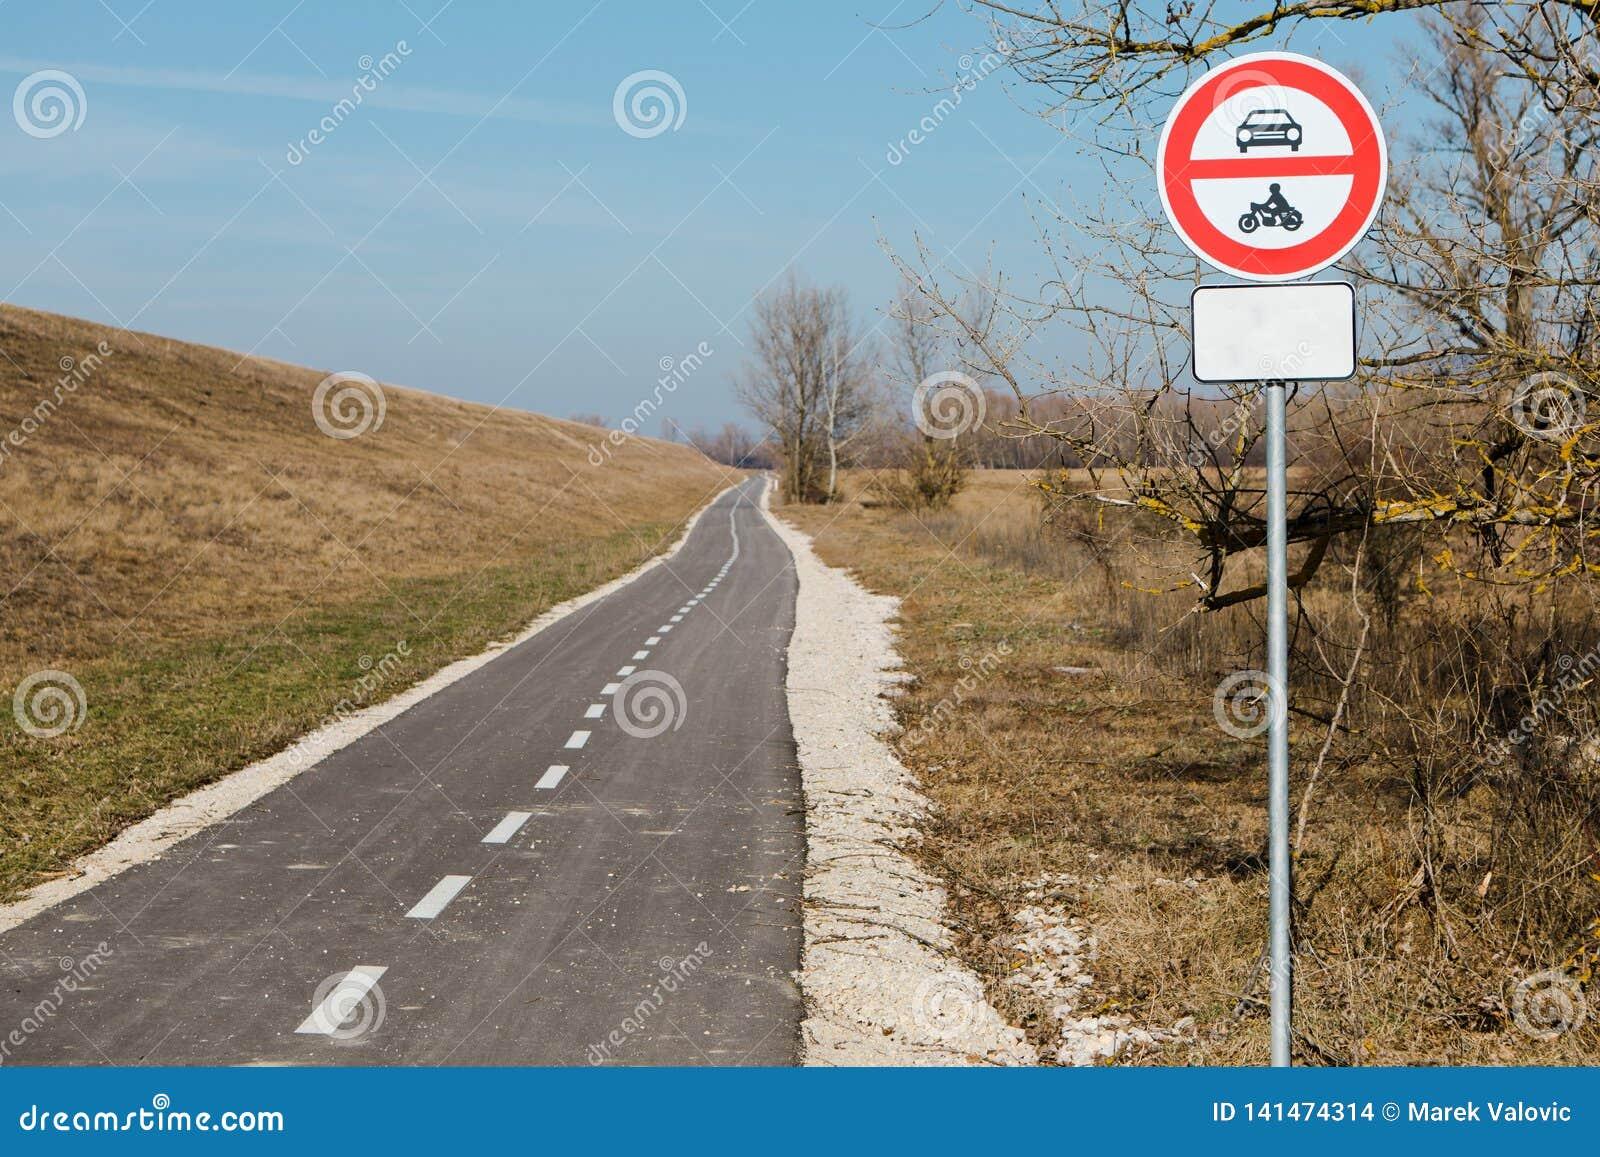 Aucune entrée pour des véhicules à moteur - éviter la pollution